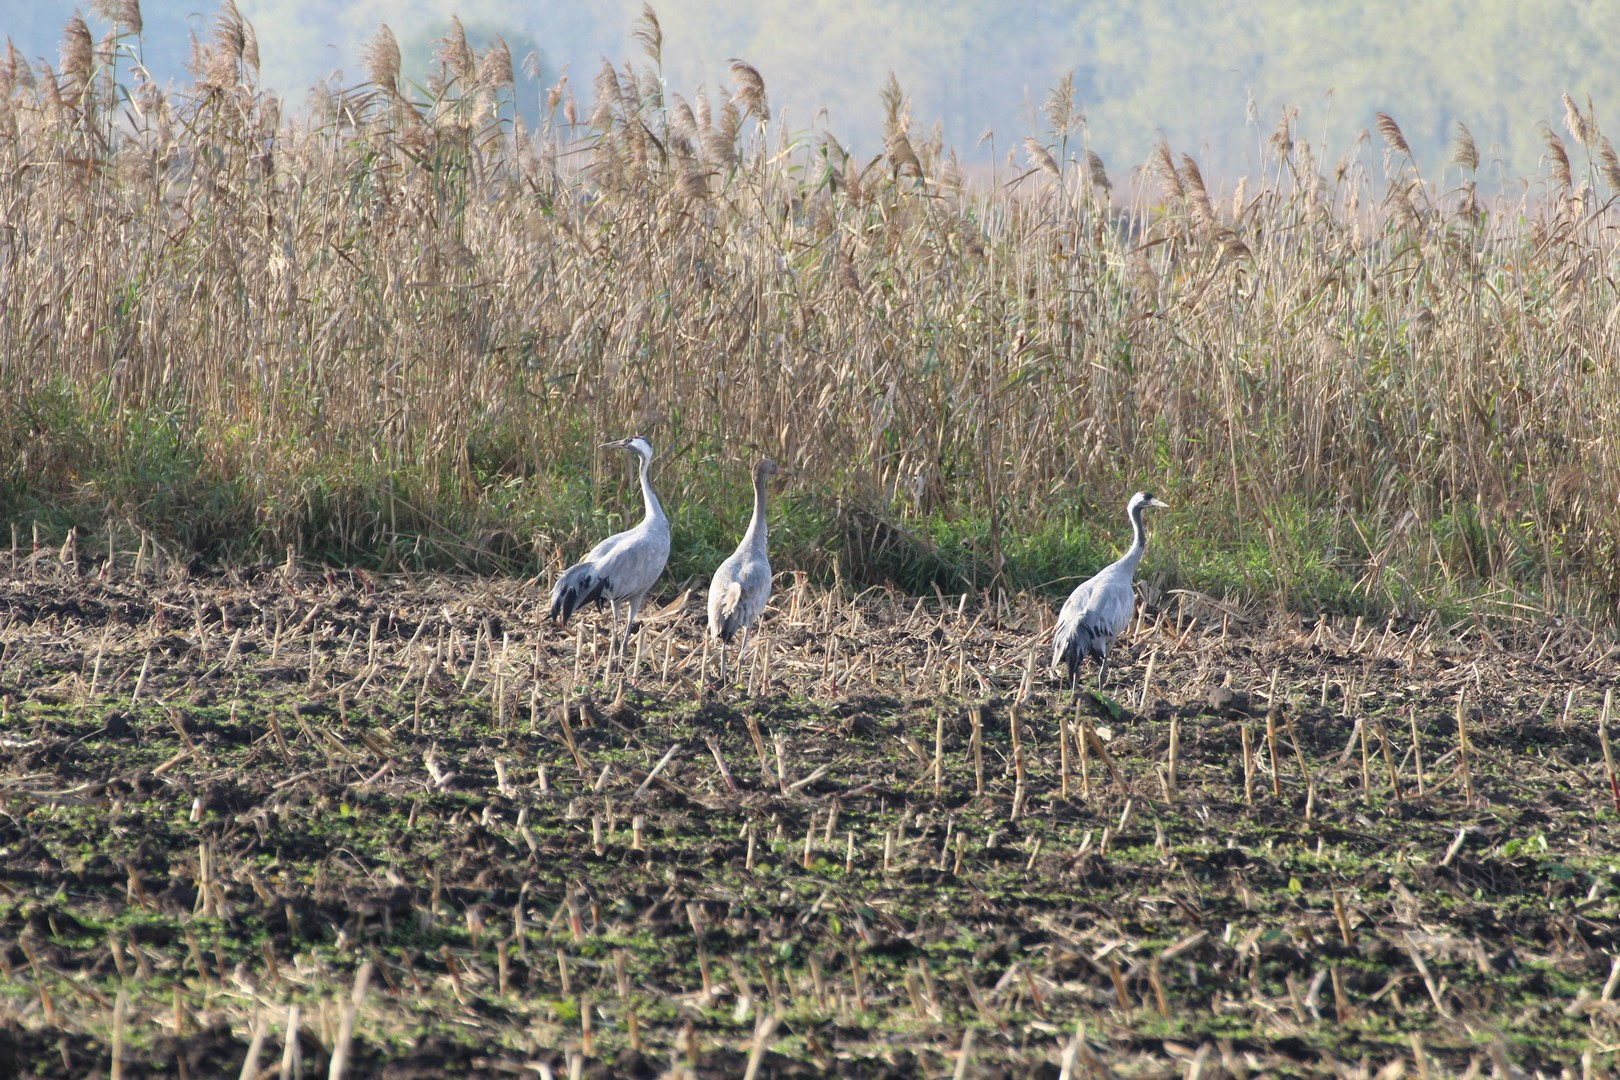 Birdwatching in Poland, fot. M. Szoszkiewicz